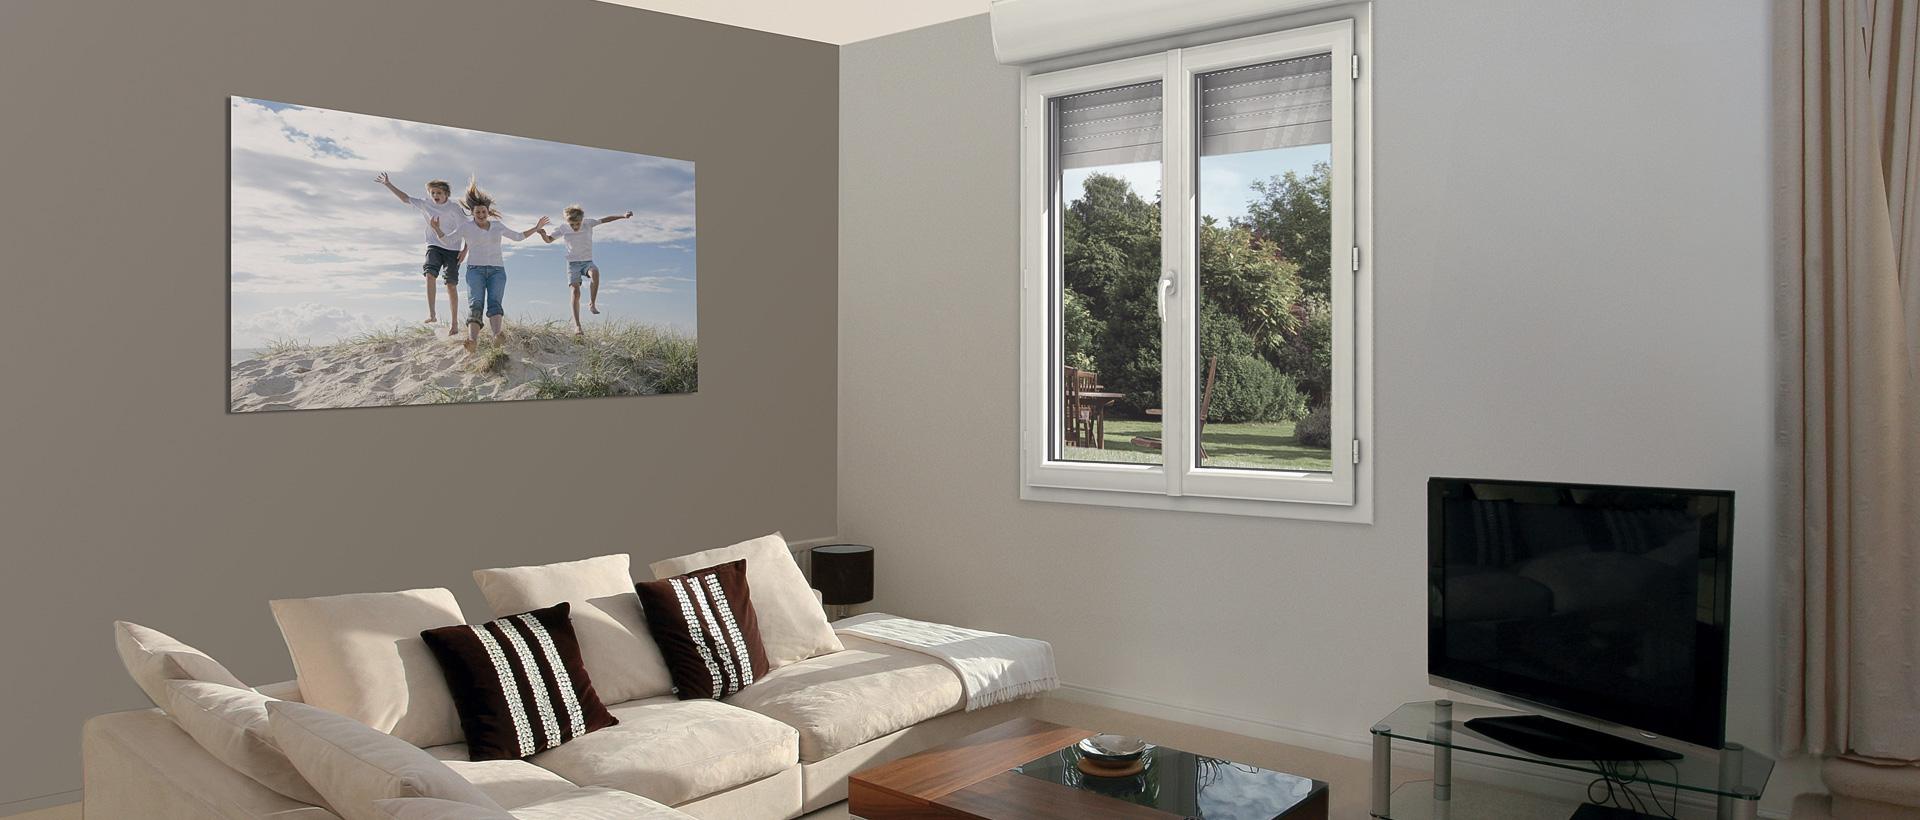 menuiserie pvc exc o design volet roulant int gr mvm. Black Bedroom Furniture Sets. Home Design Ideas